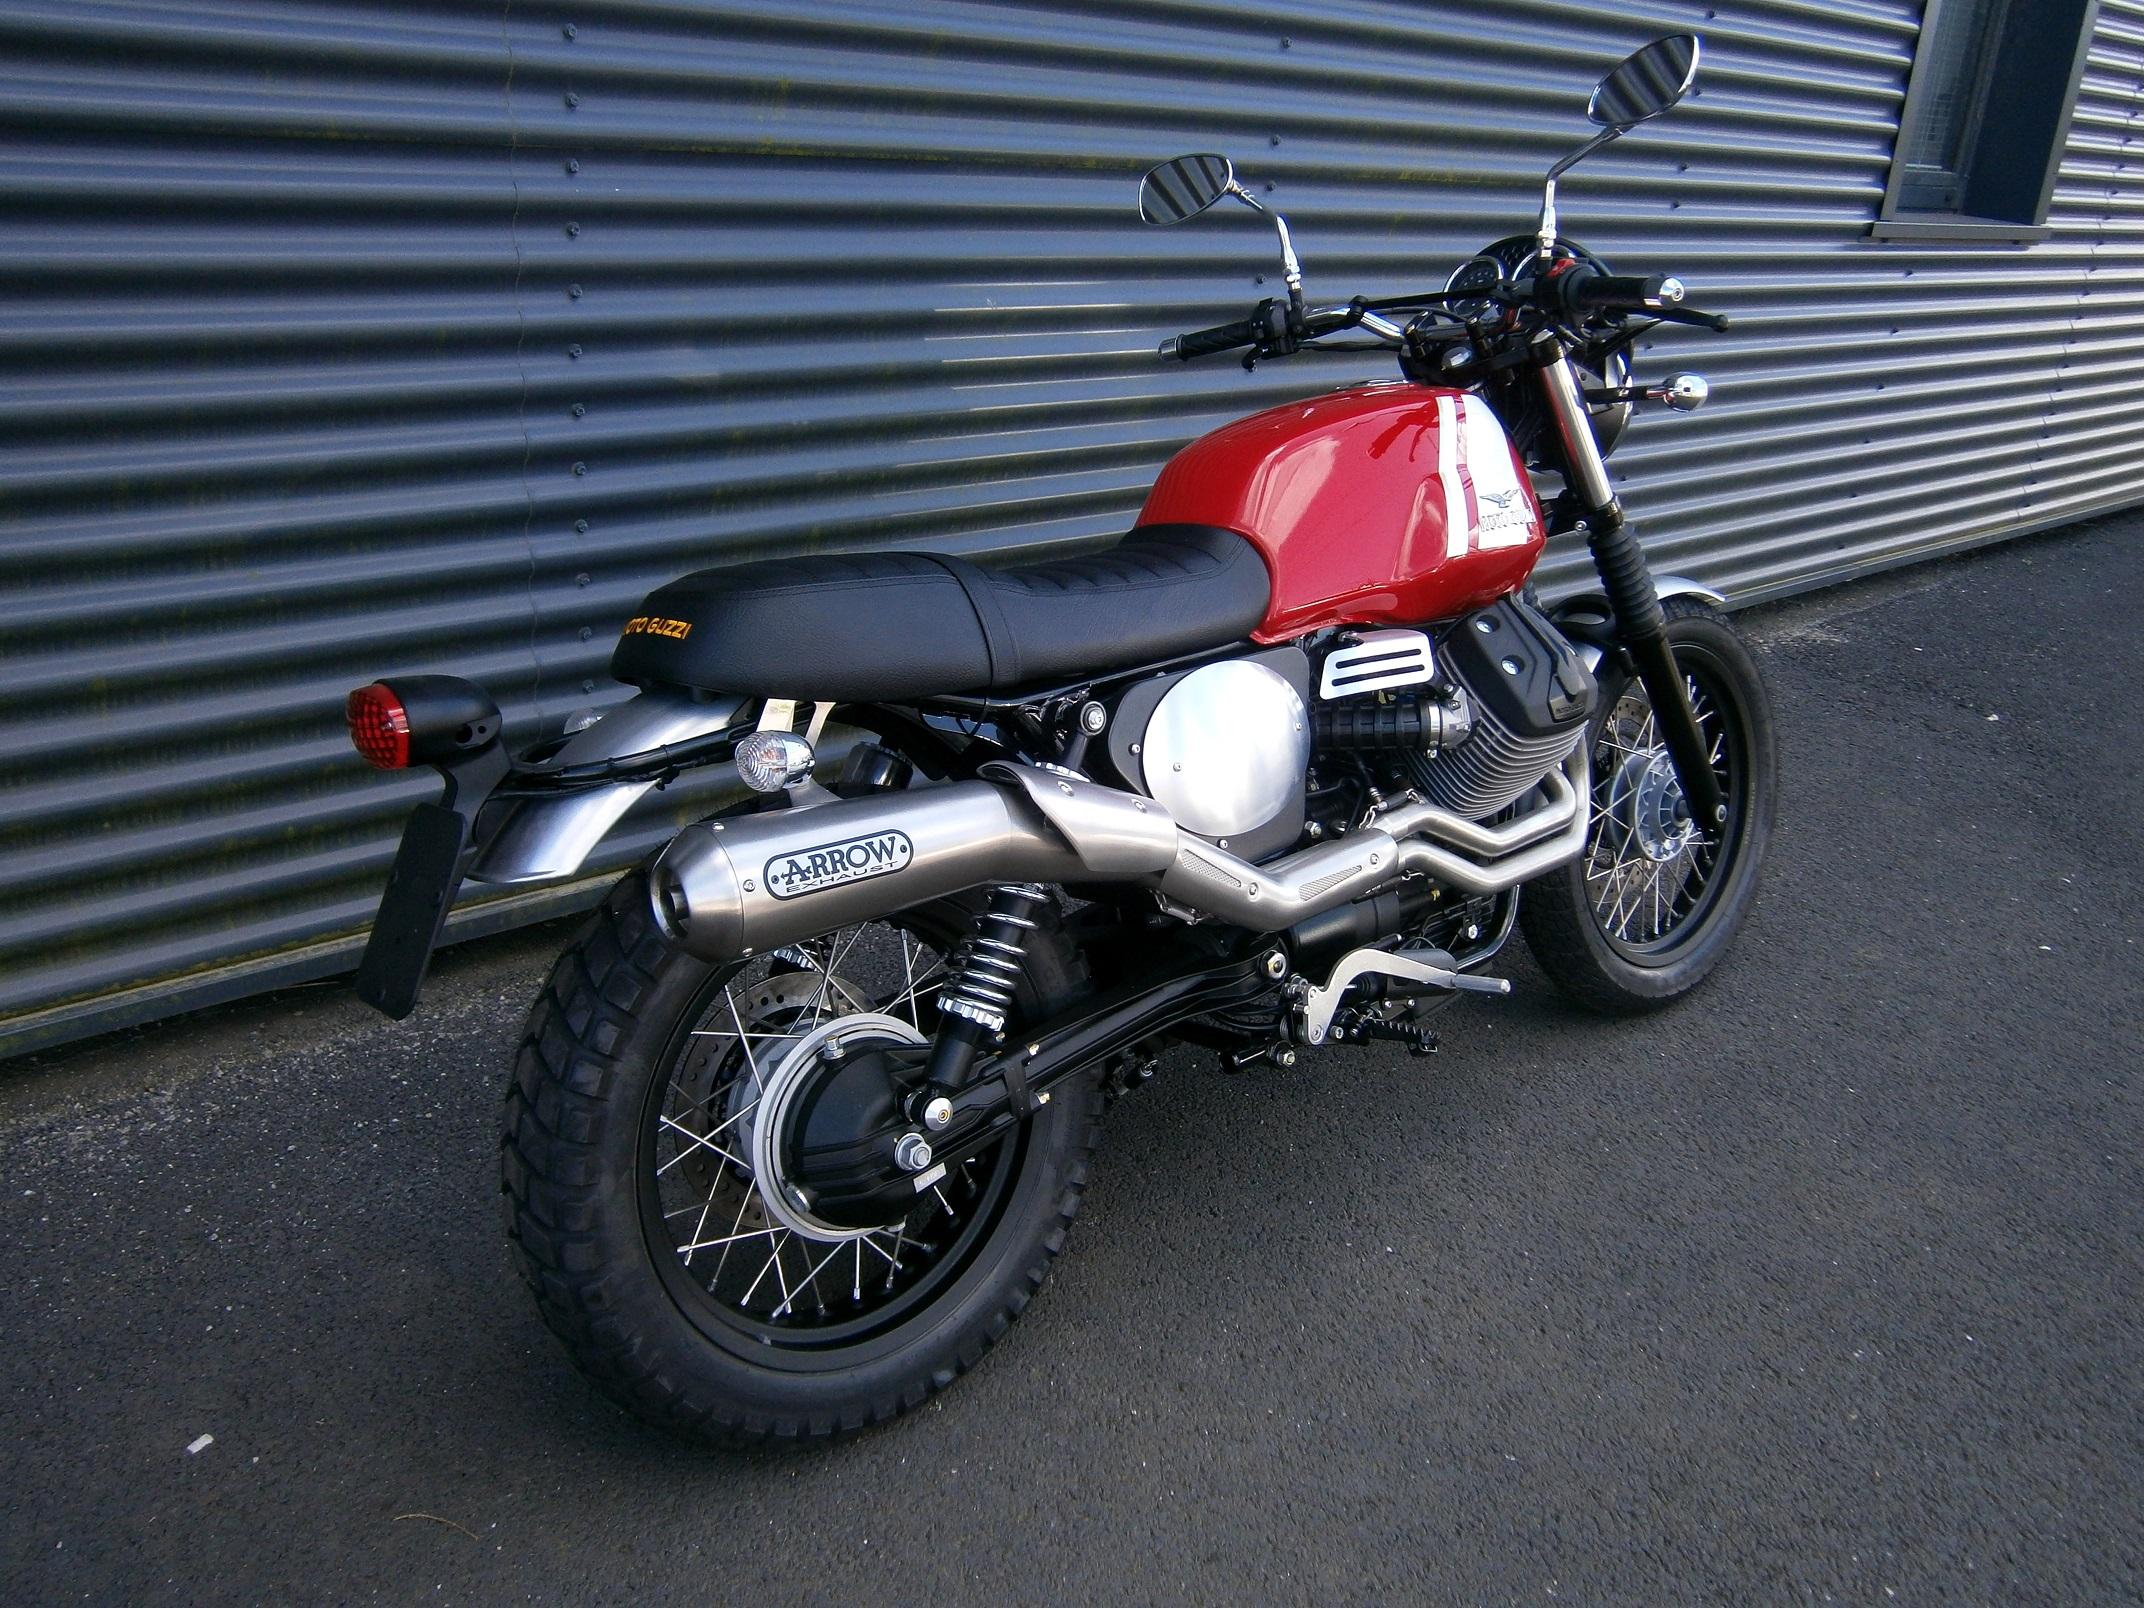 moto guzzi v7 scrambler occasion id es d 39 image de moto. Black Bedroom Furniture Sets. Home Design Ideas